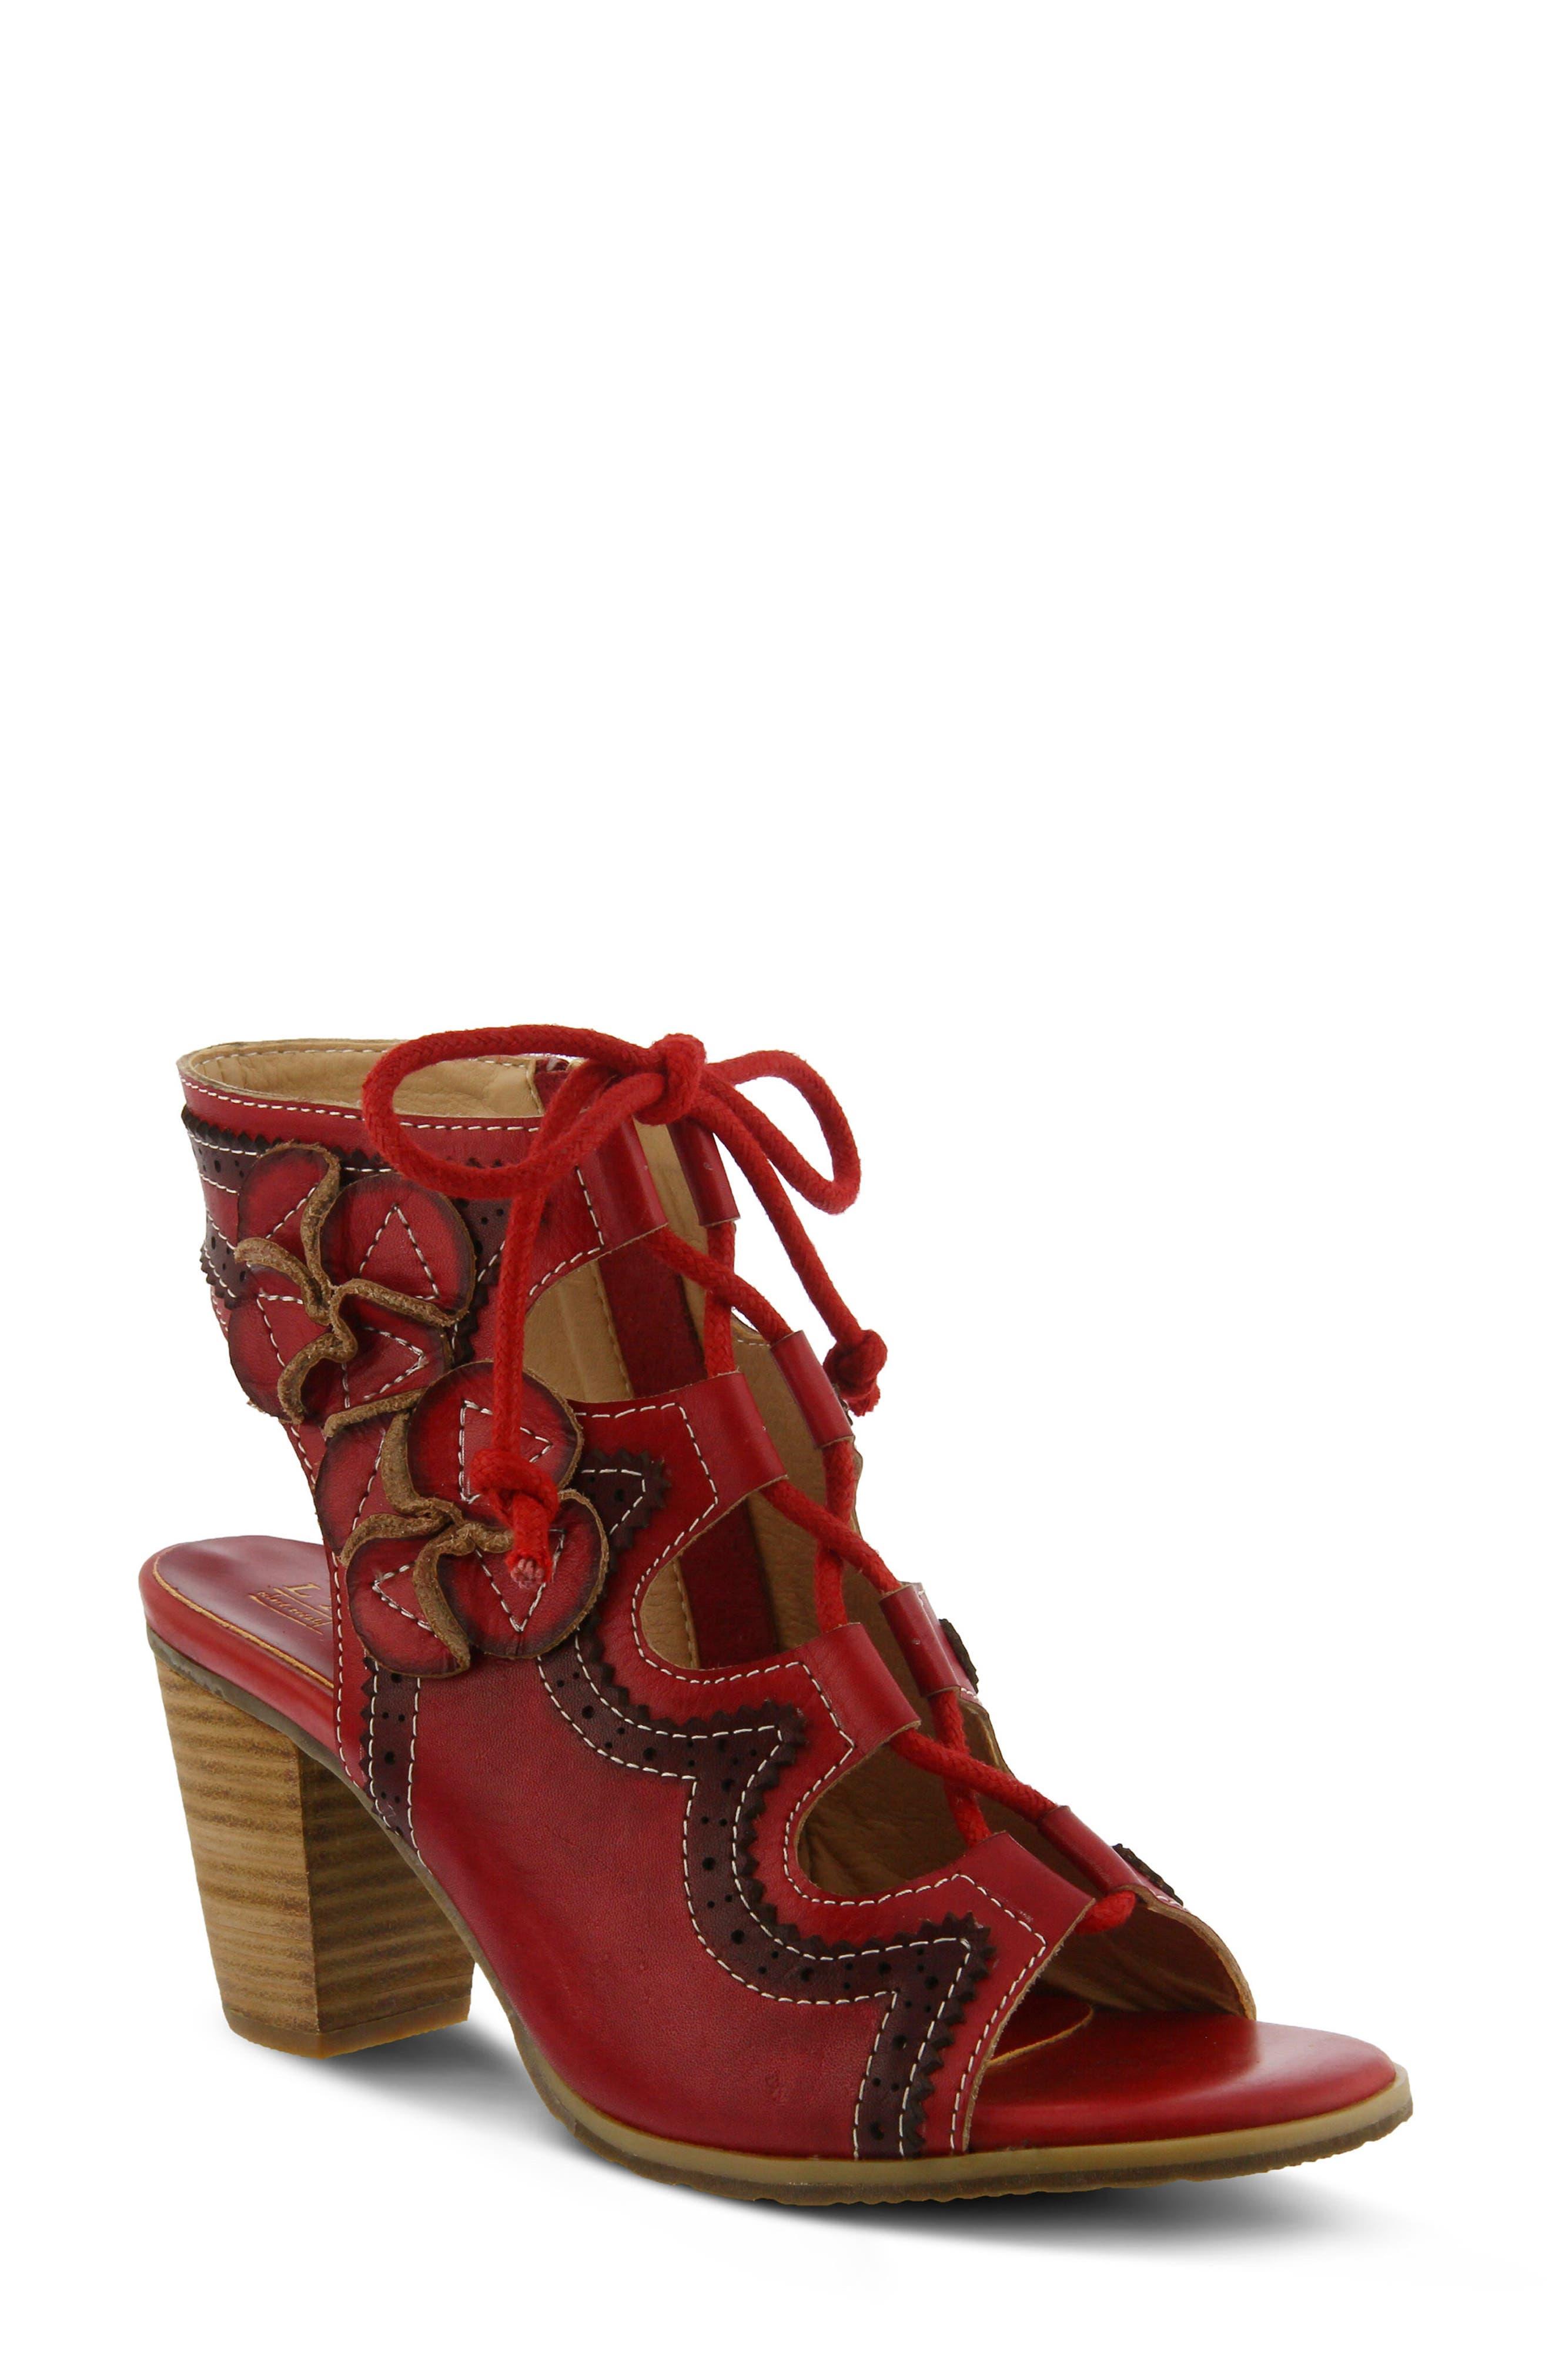 L'Artiste Alejandra Sandal,                         Main,                         color, Red Leather